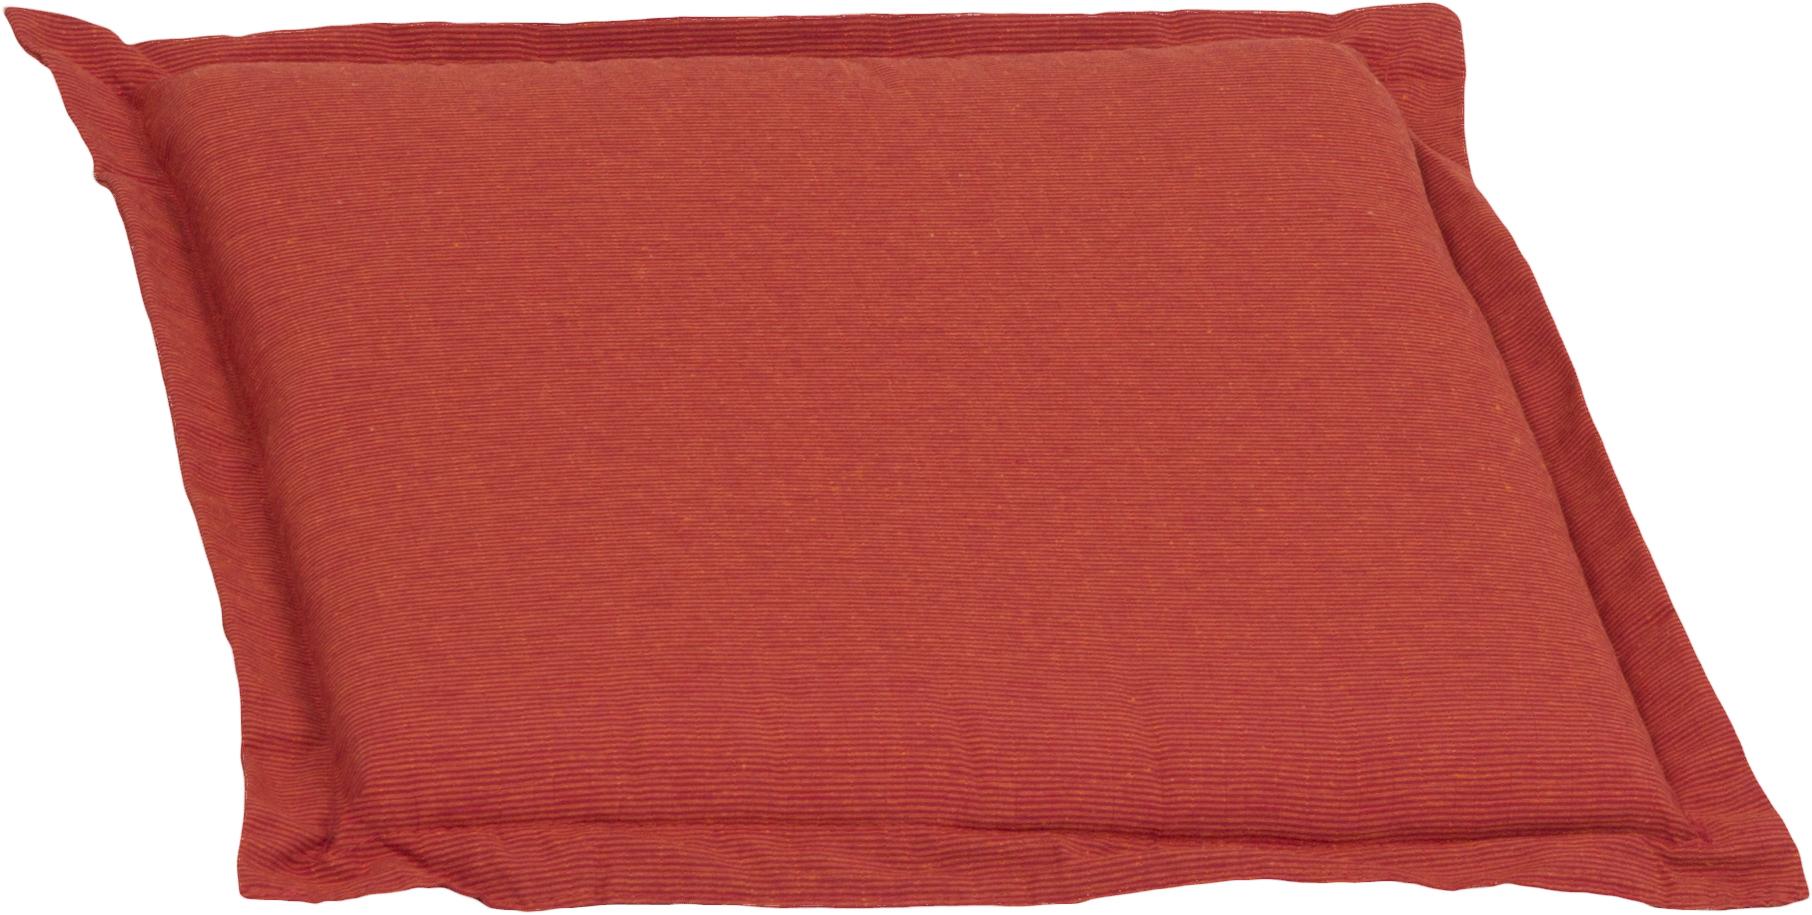 Bankauflage Sitzkissen ca. 49x46x6 cm orange meliert